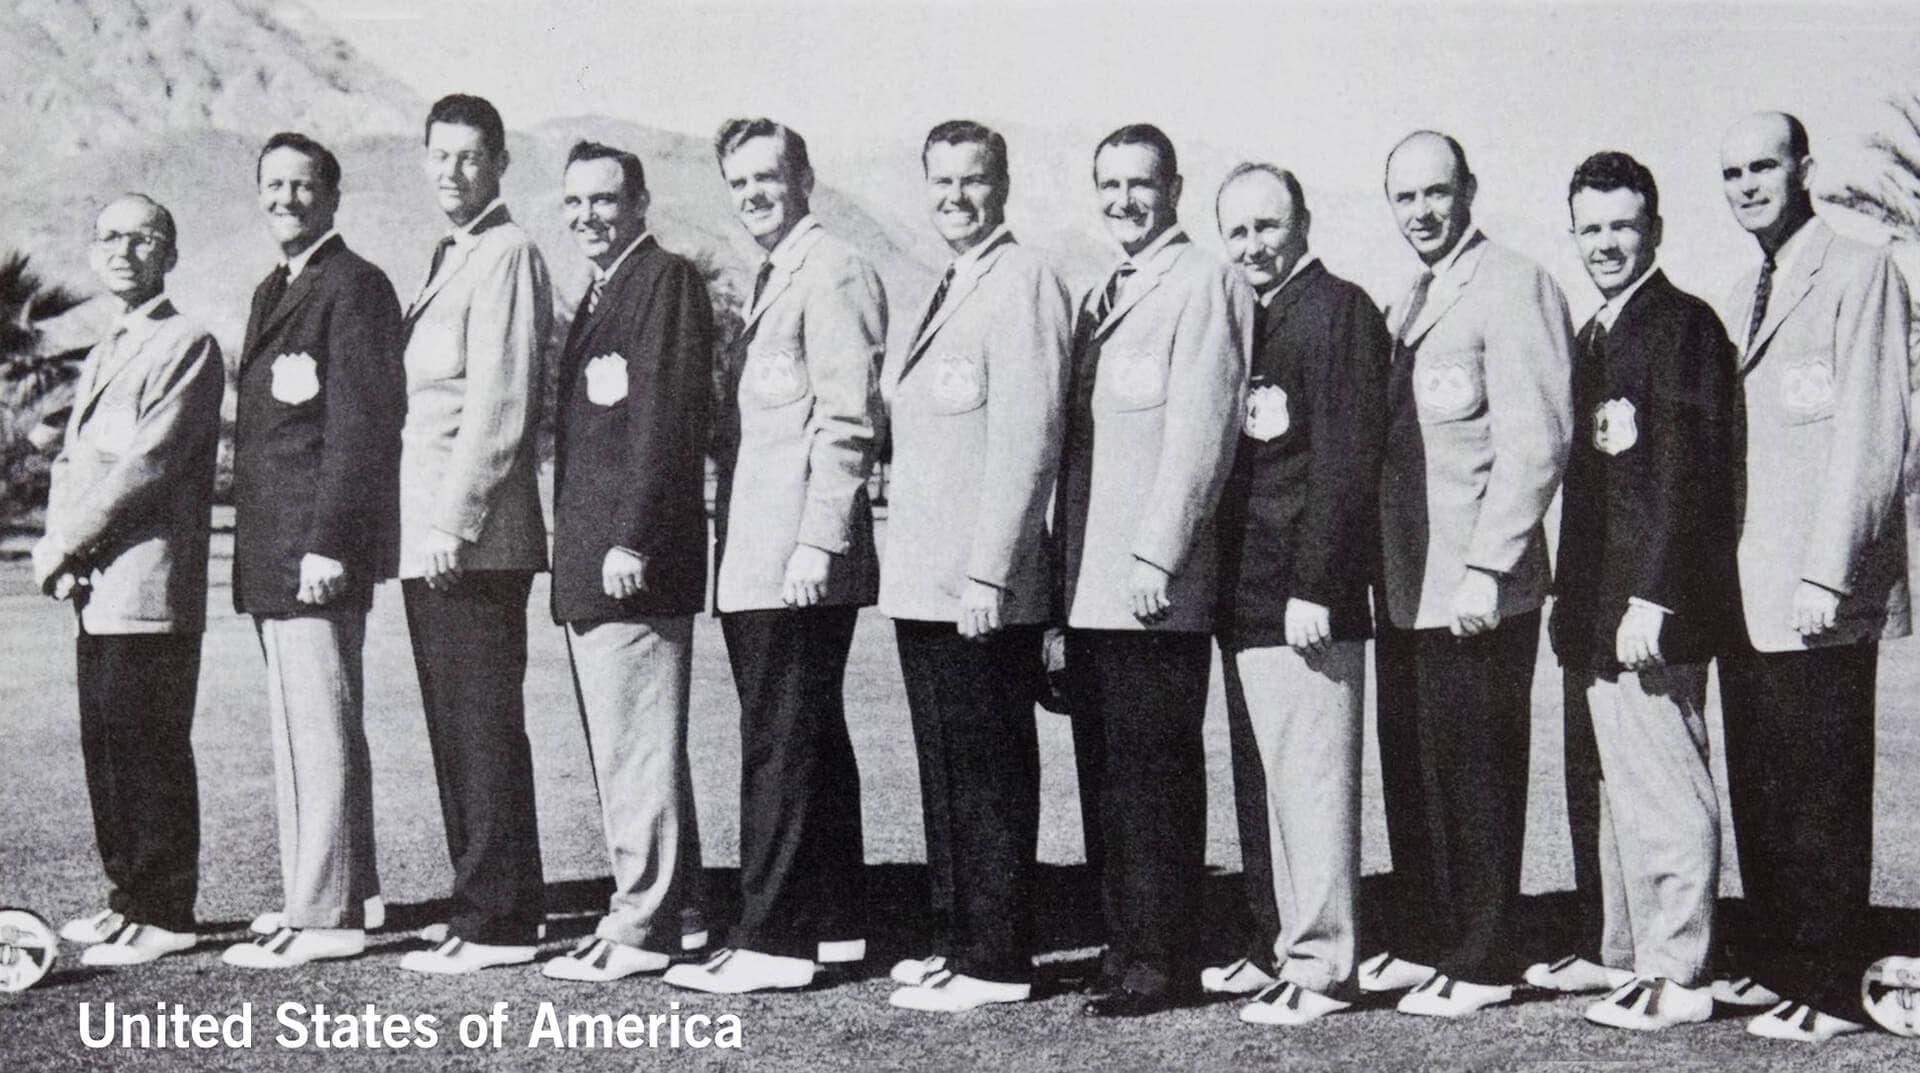 1955 Thunderbird Golf Club, California. USA Team. November 5th & 6th. Final Score: U.S.A. 8 - Britain & Ireland 4.